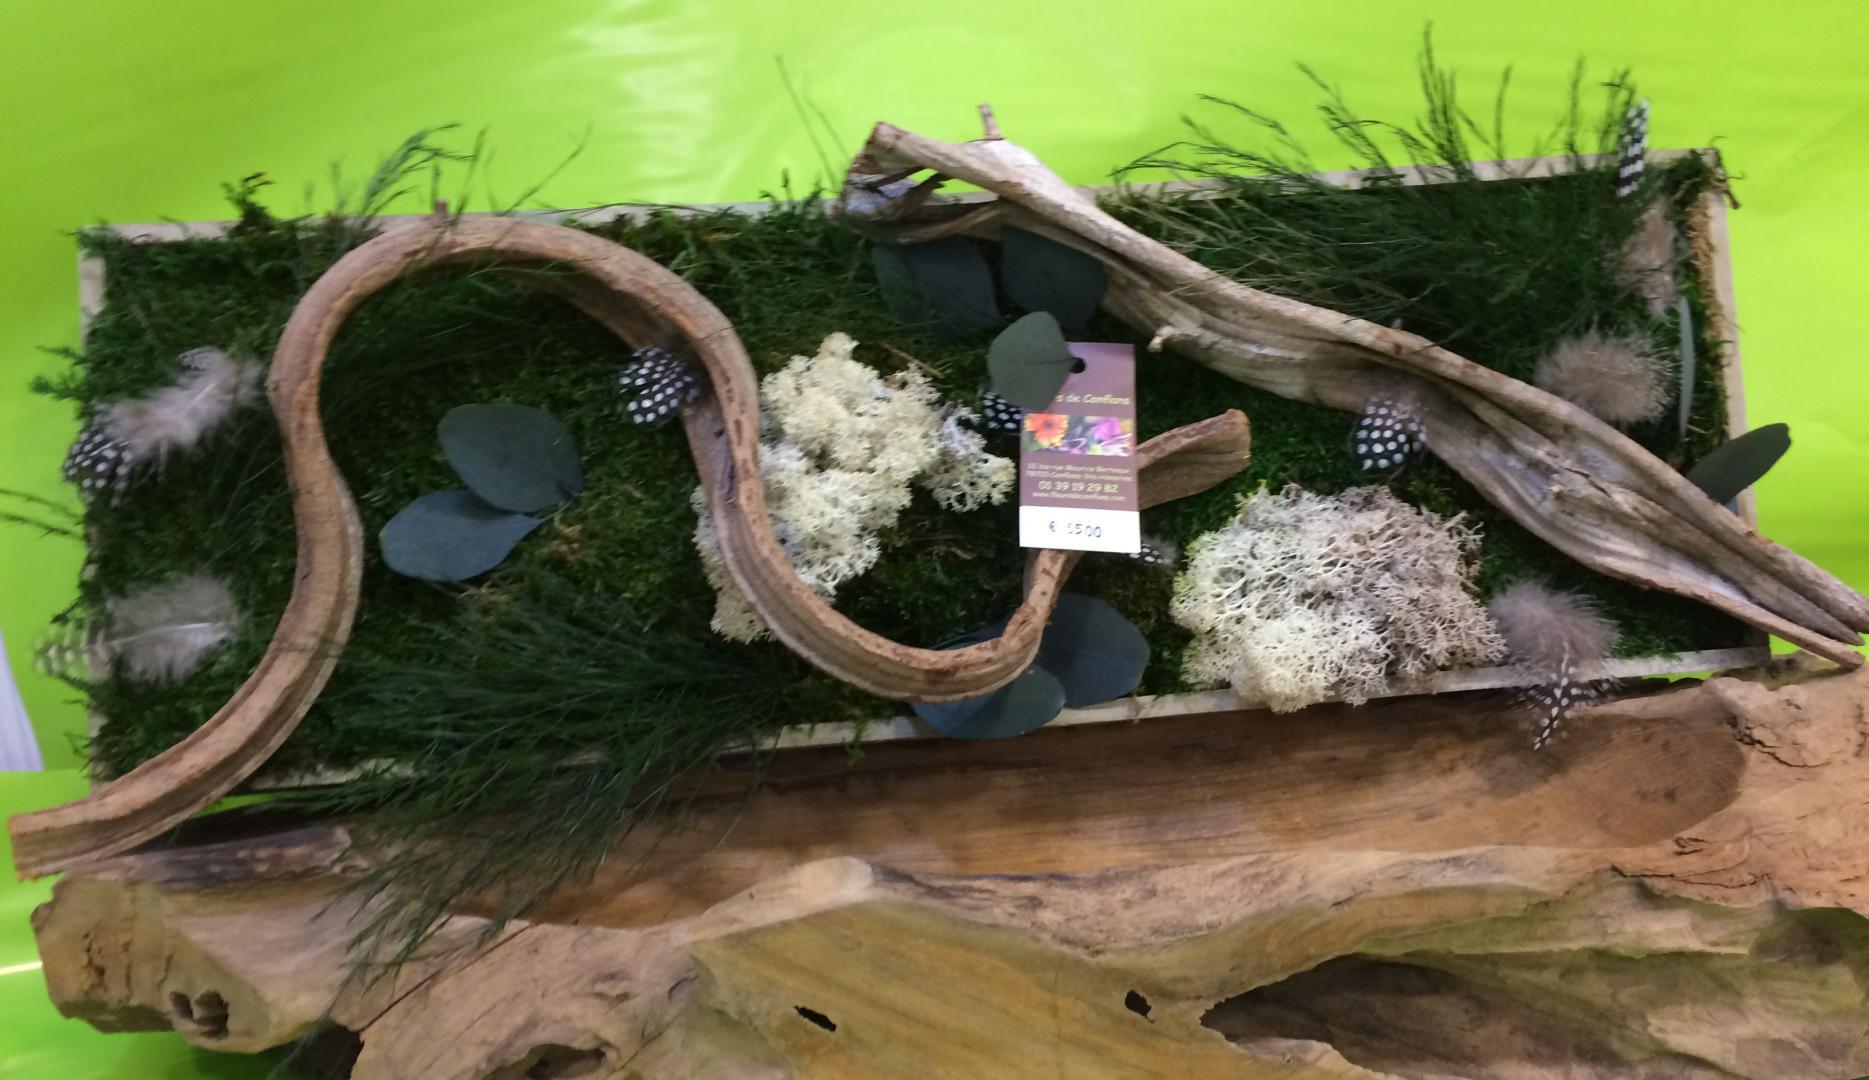 Fleurs de Conflans, les tableaux végétaux stabilisés